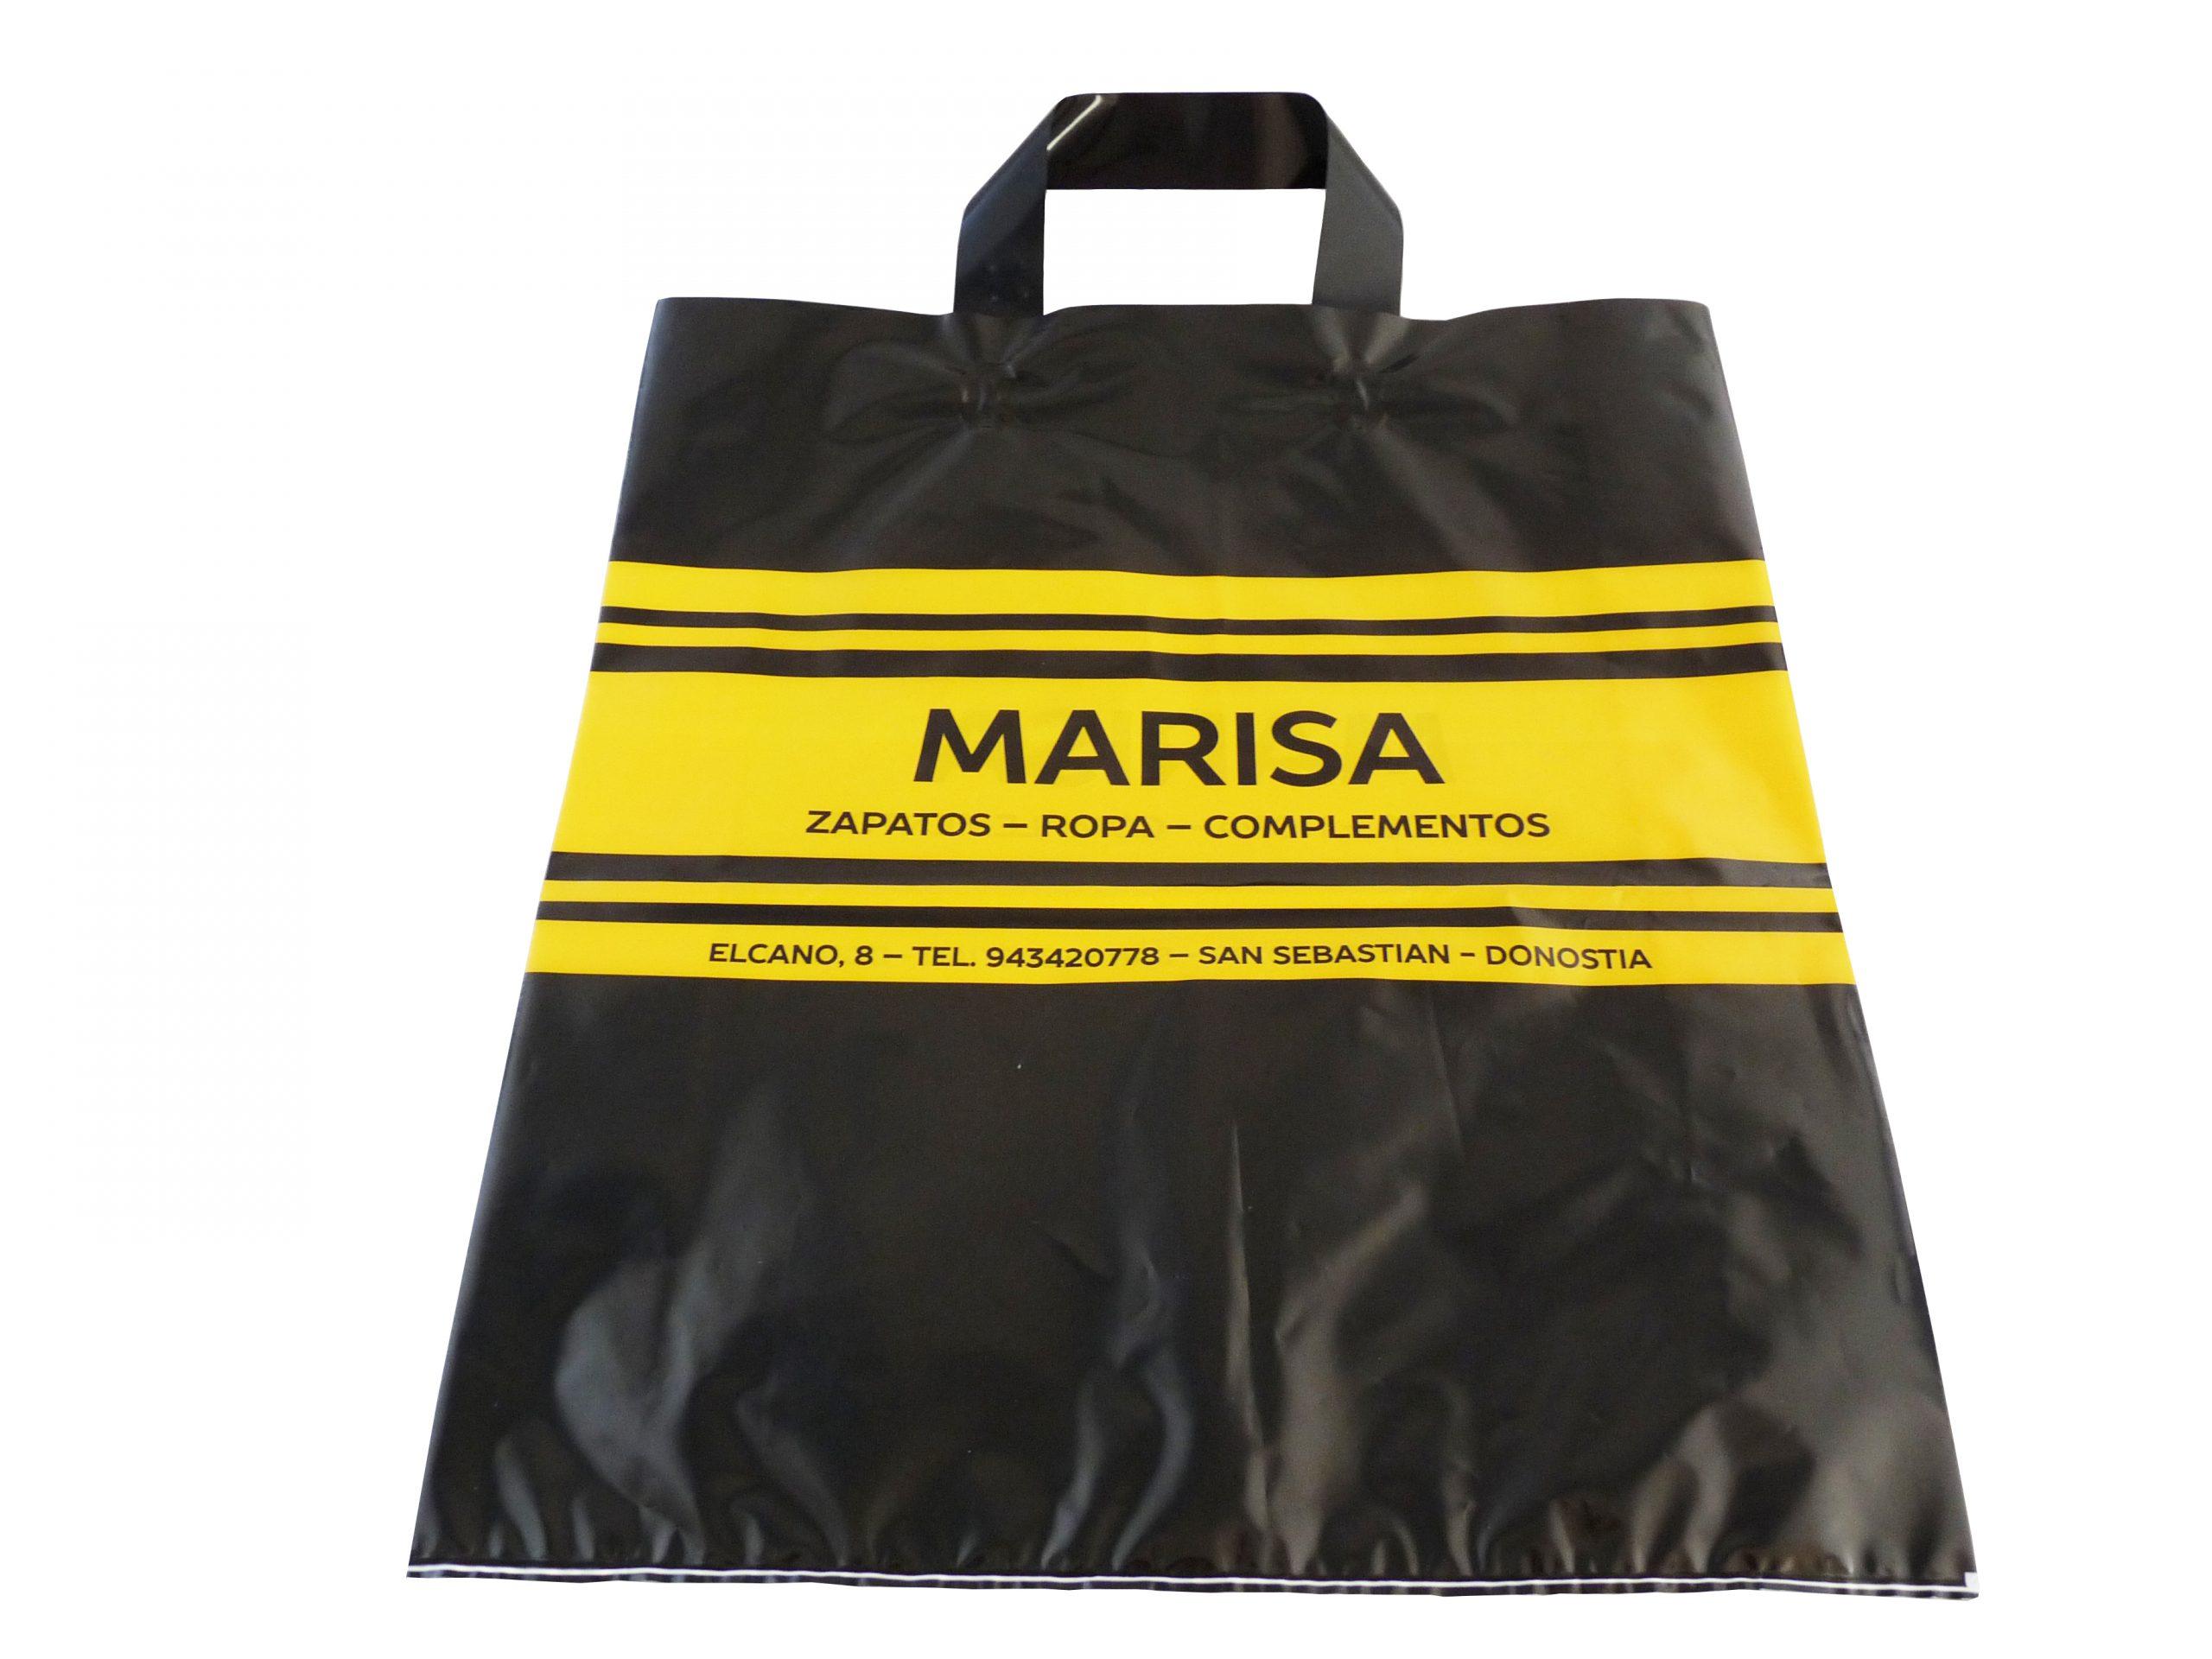 bolsa plastico - Bolsa Marisa